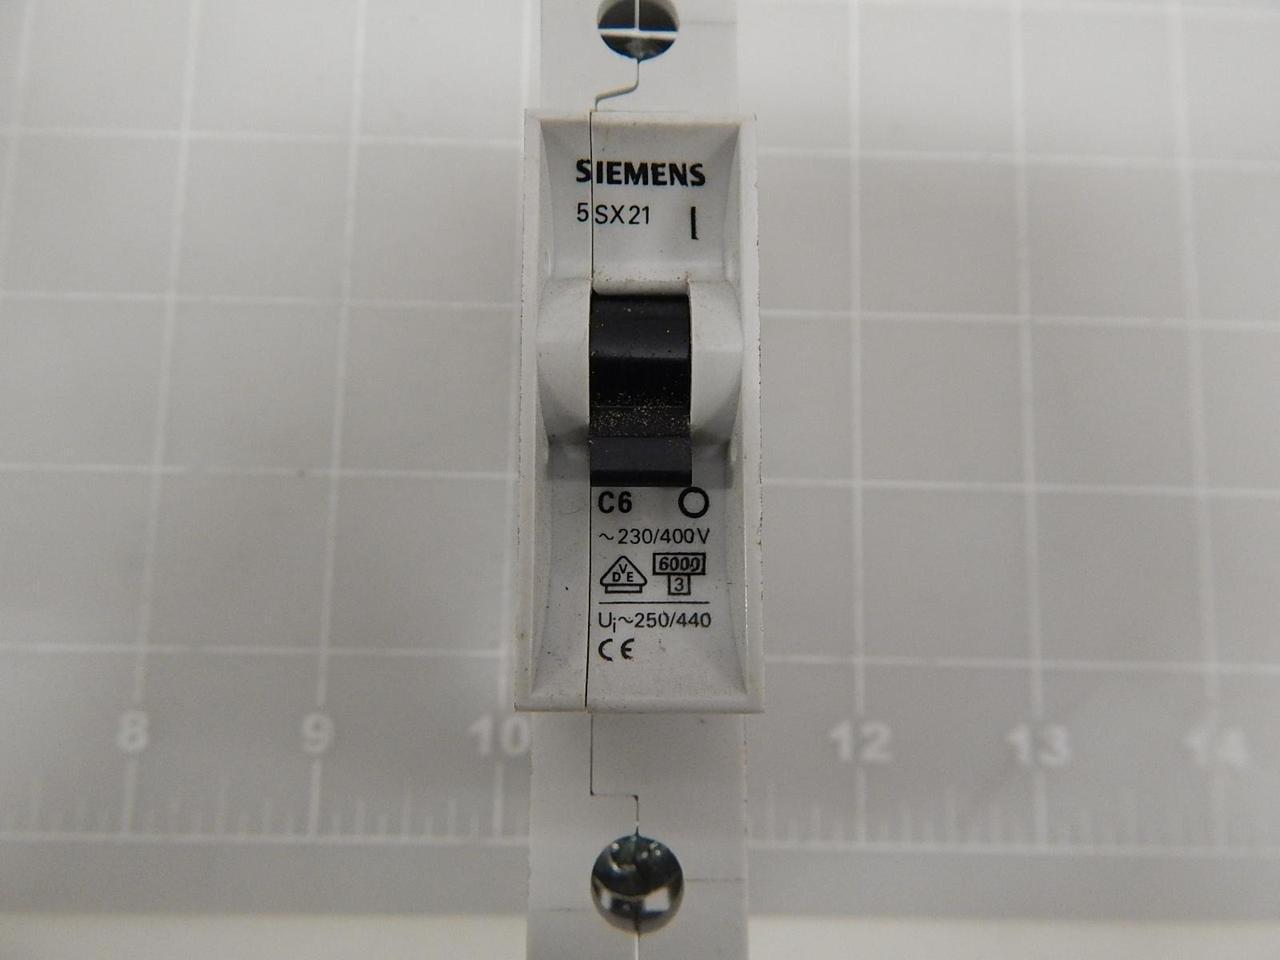 Schutzschalter-Zubehör Siemens 5SH1112